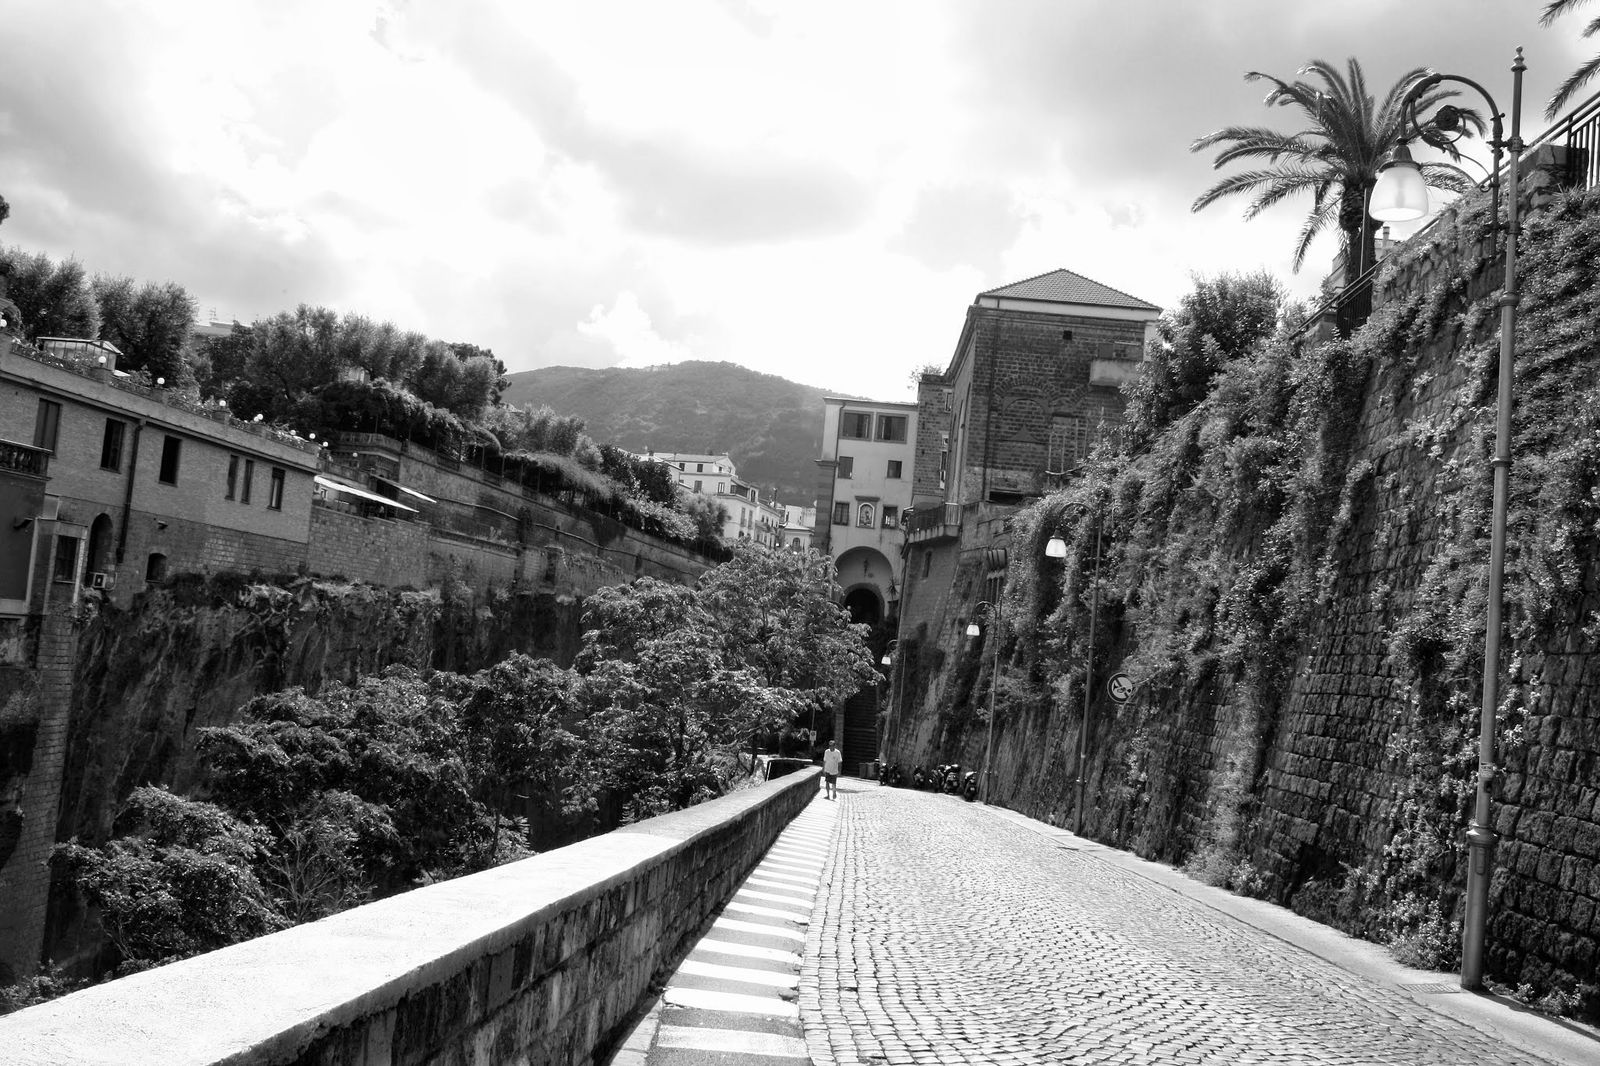 Capri / Sorrento